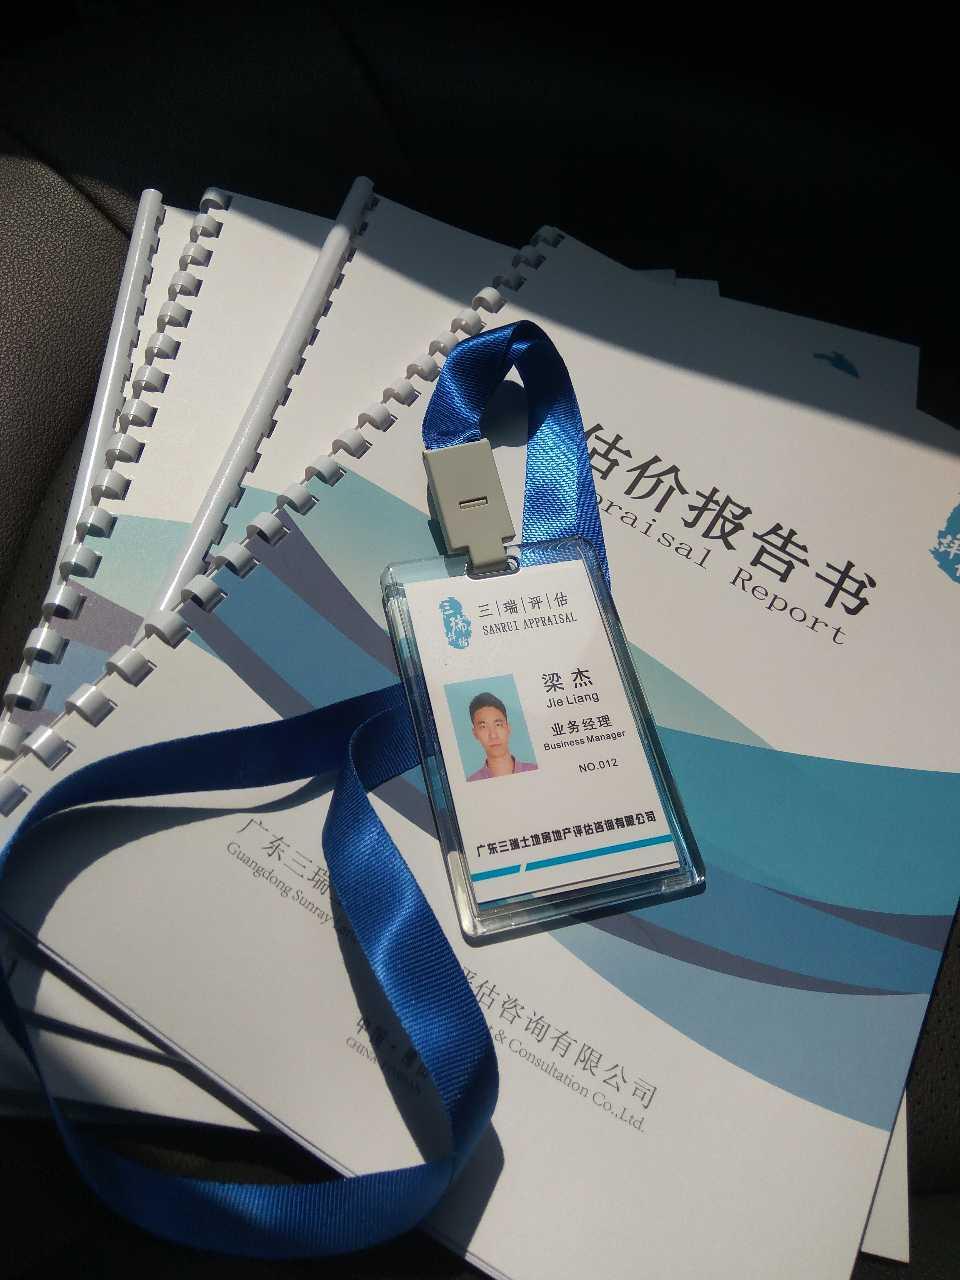 来自梁杰发布的公司动态信息:... - 广东三瑞土地房地产评估咨询有限公司